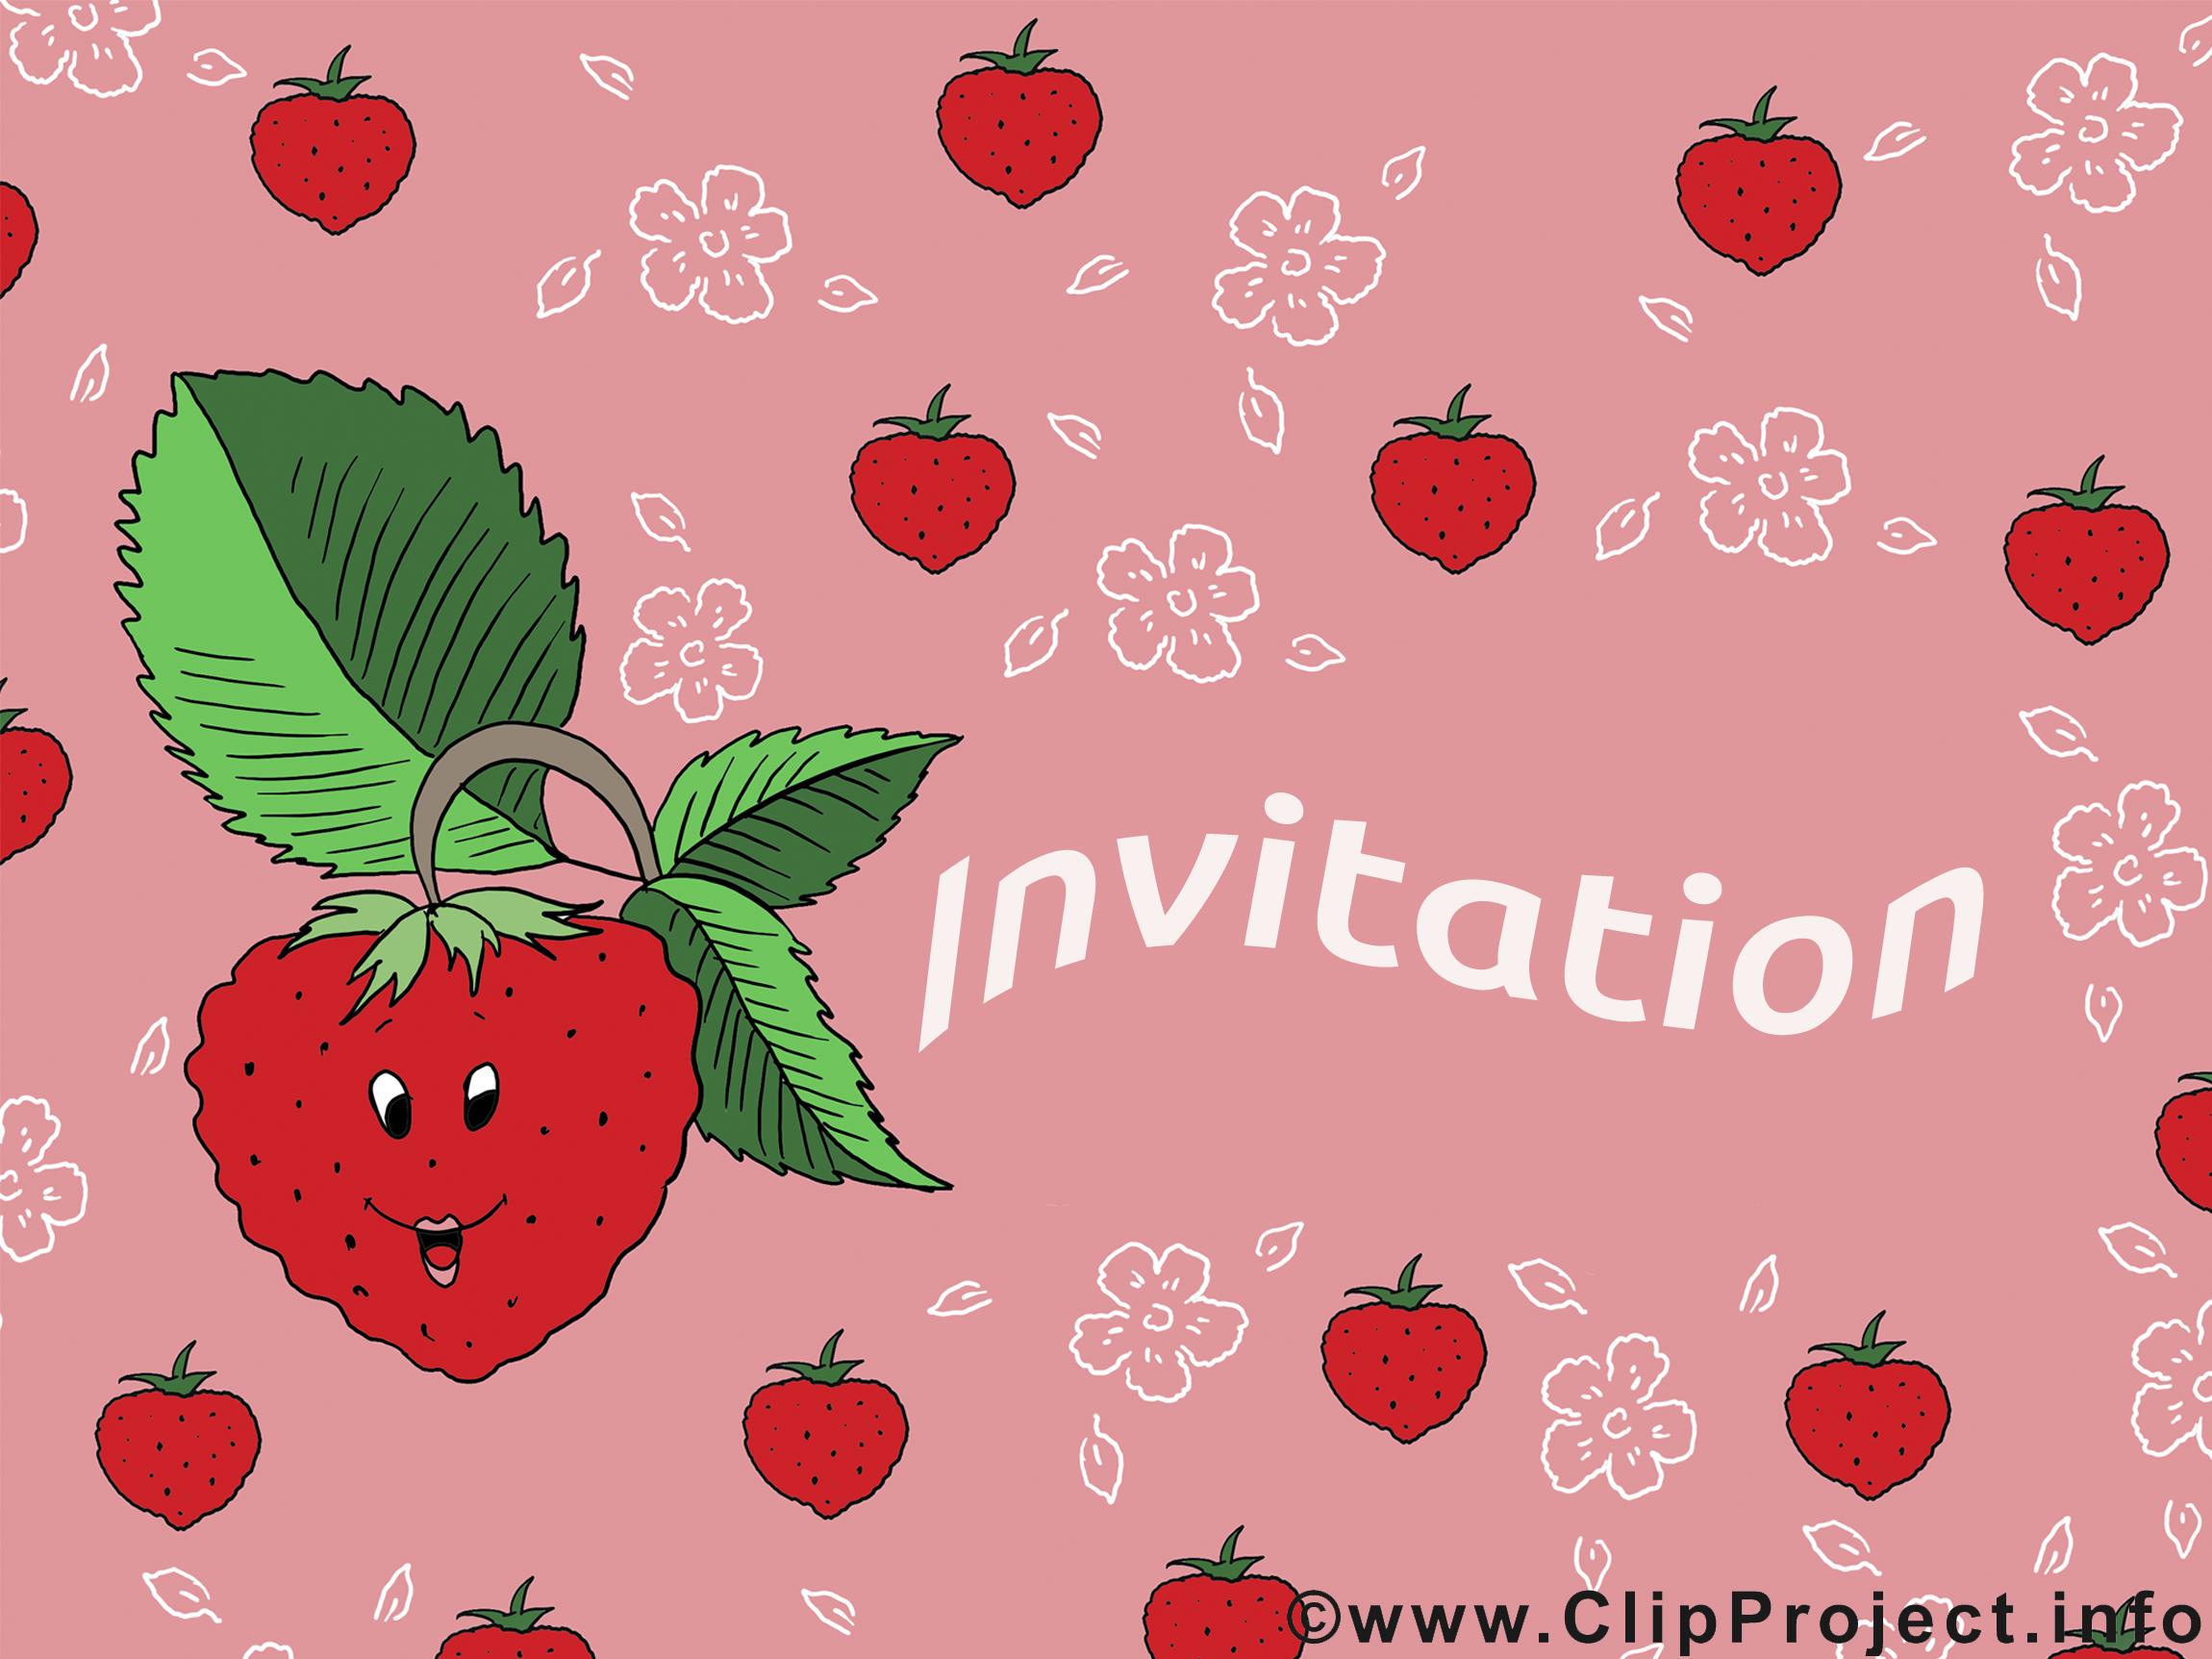 Fraise dessin - Invitation cliparts à télécharger